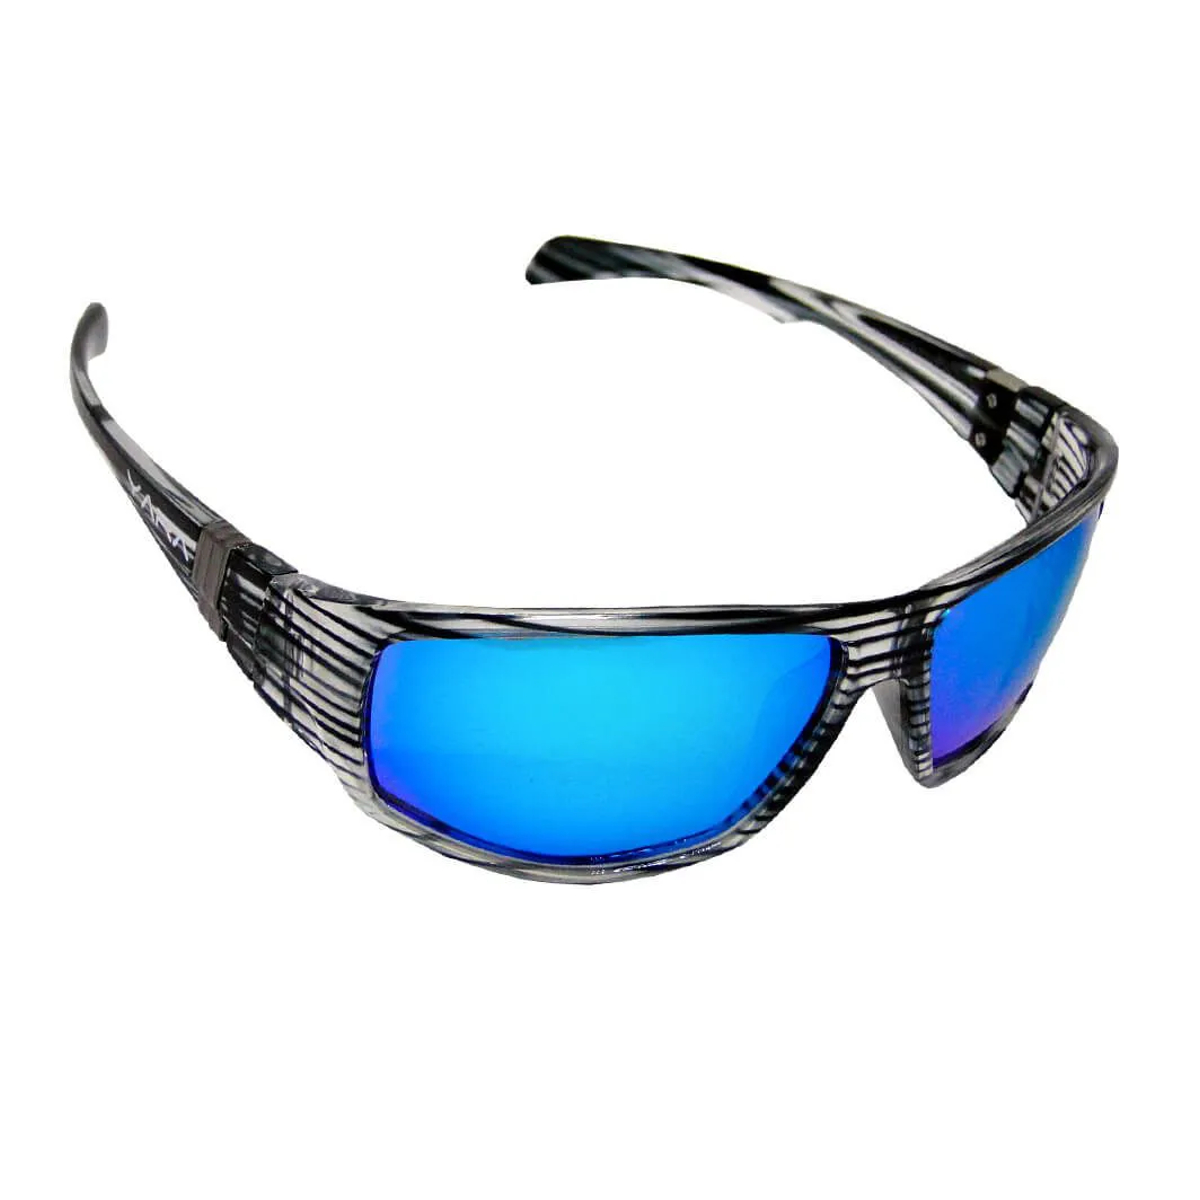 Óculos de Sol Polarizado Yara Dark Vision 01851 Sport - Lente Azul Espelhada